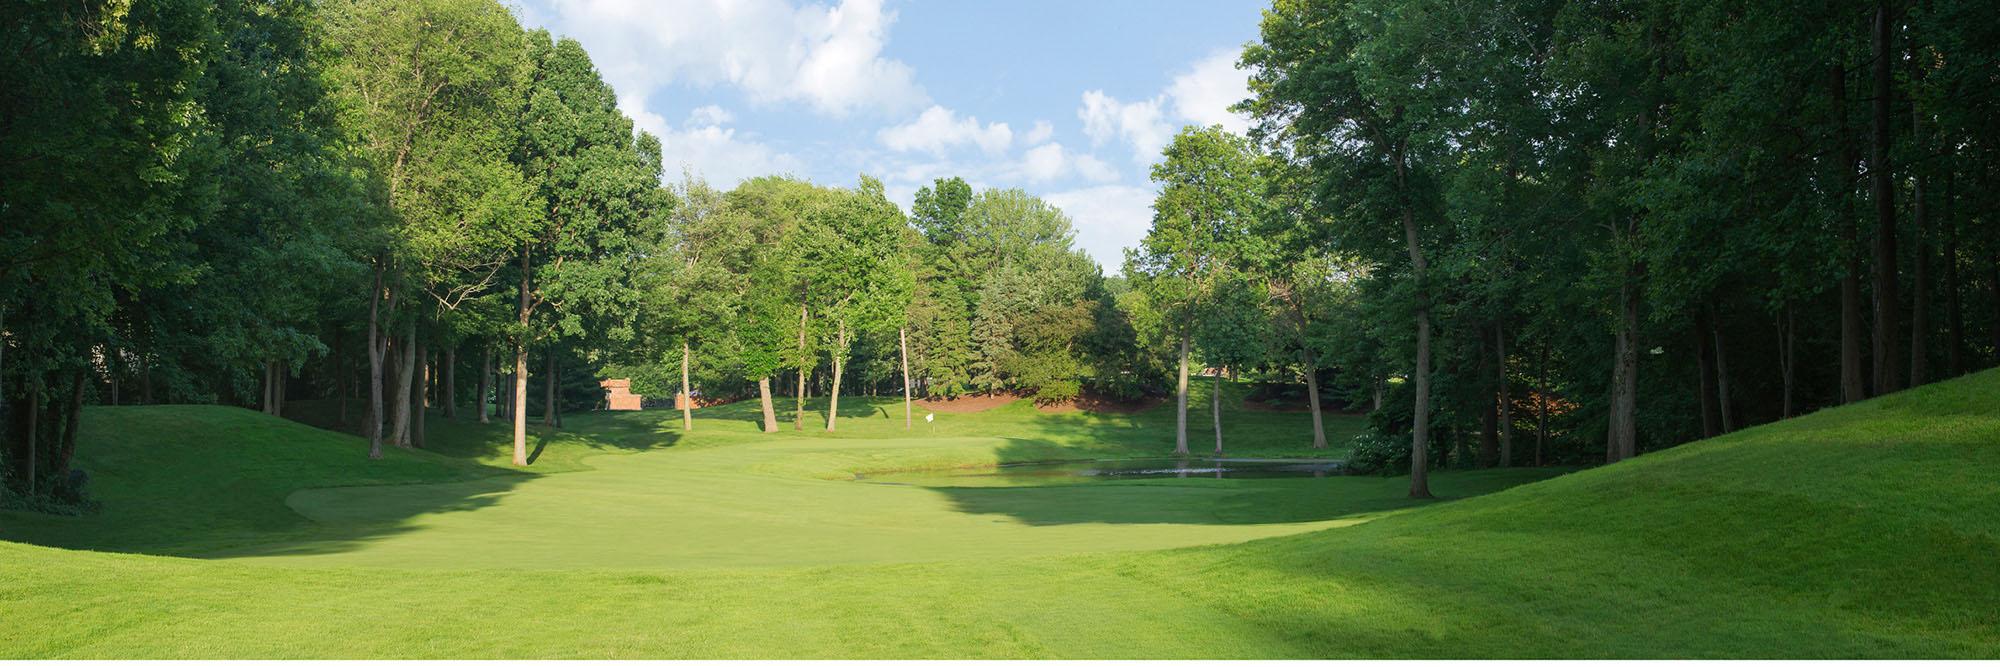 Golf Course Image - Glenmoor Country Club No. 8